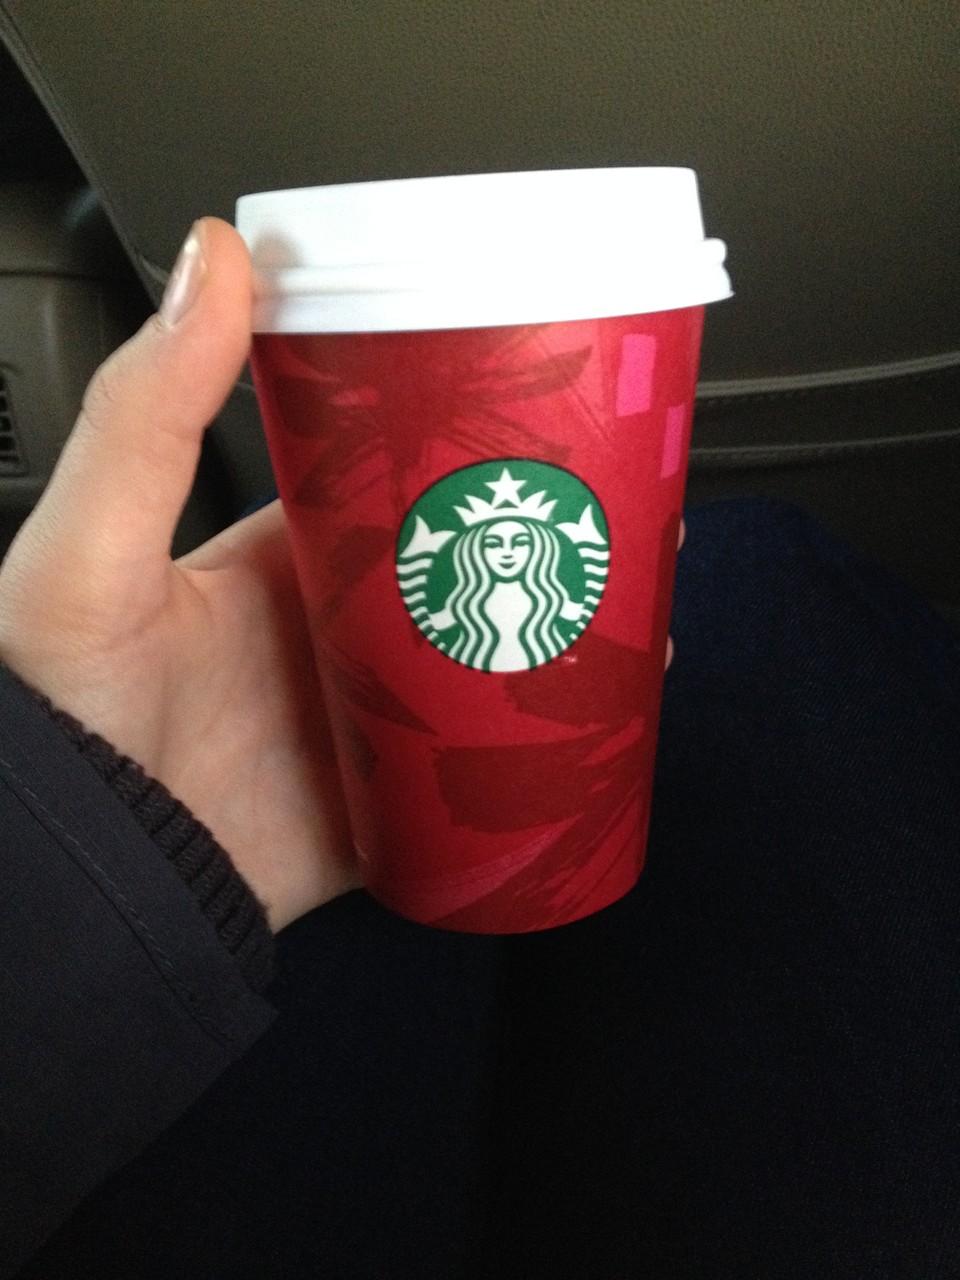 bei Starbucks gibt es jetzt die Weihnachtsbecher!